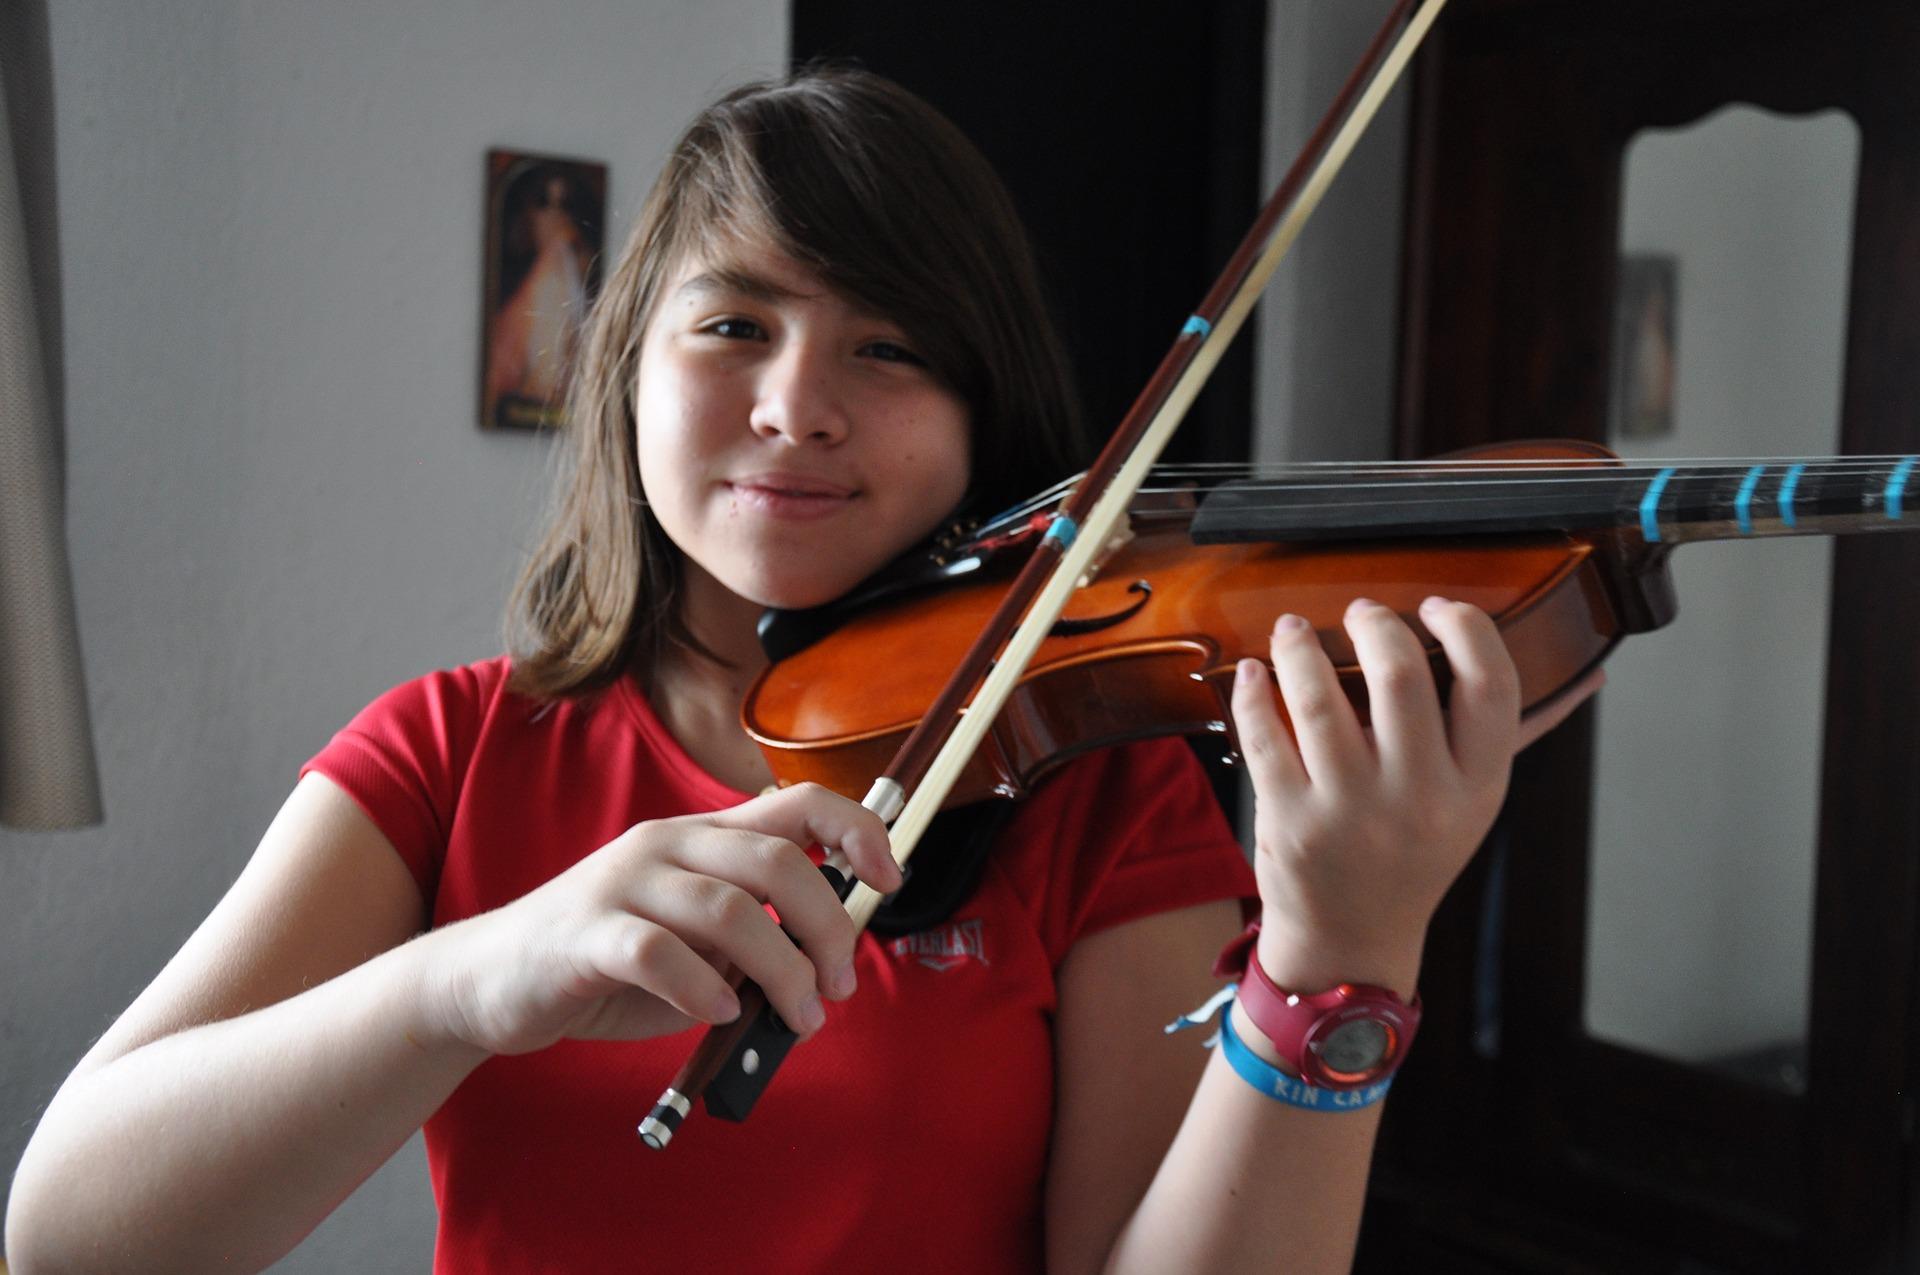 violon-enfant-allegro-musique